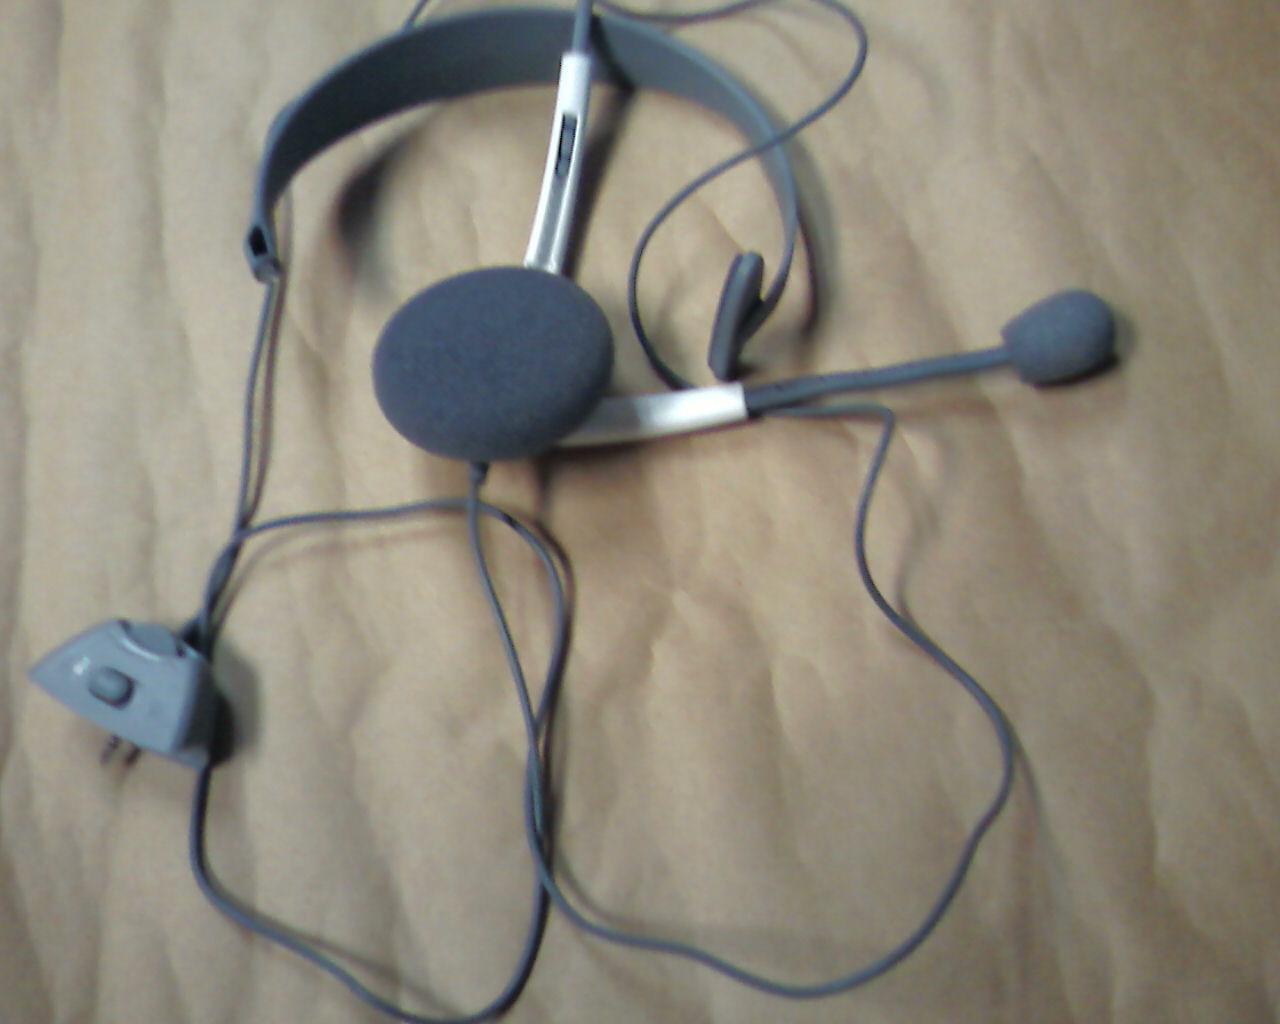 Picture of Repair Broken XBox Live Headphones